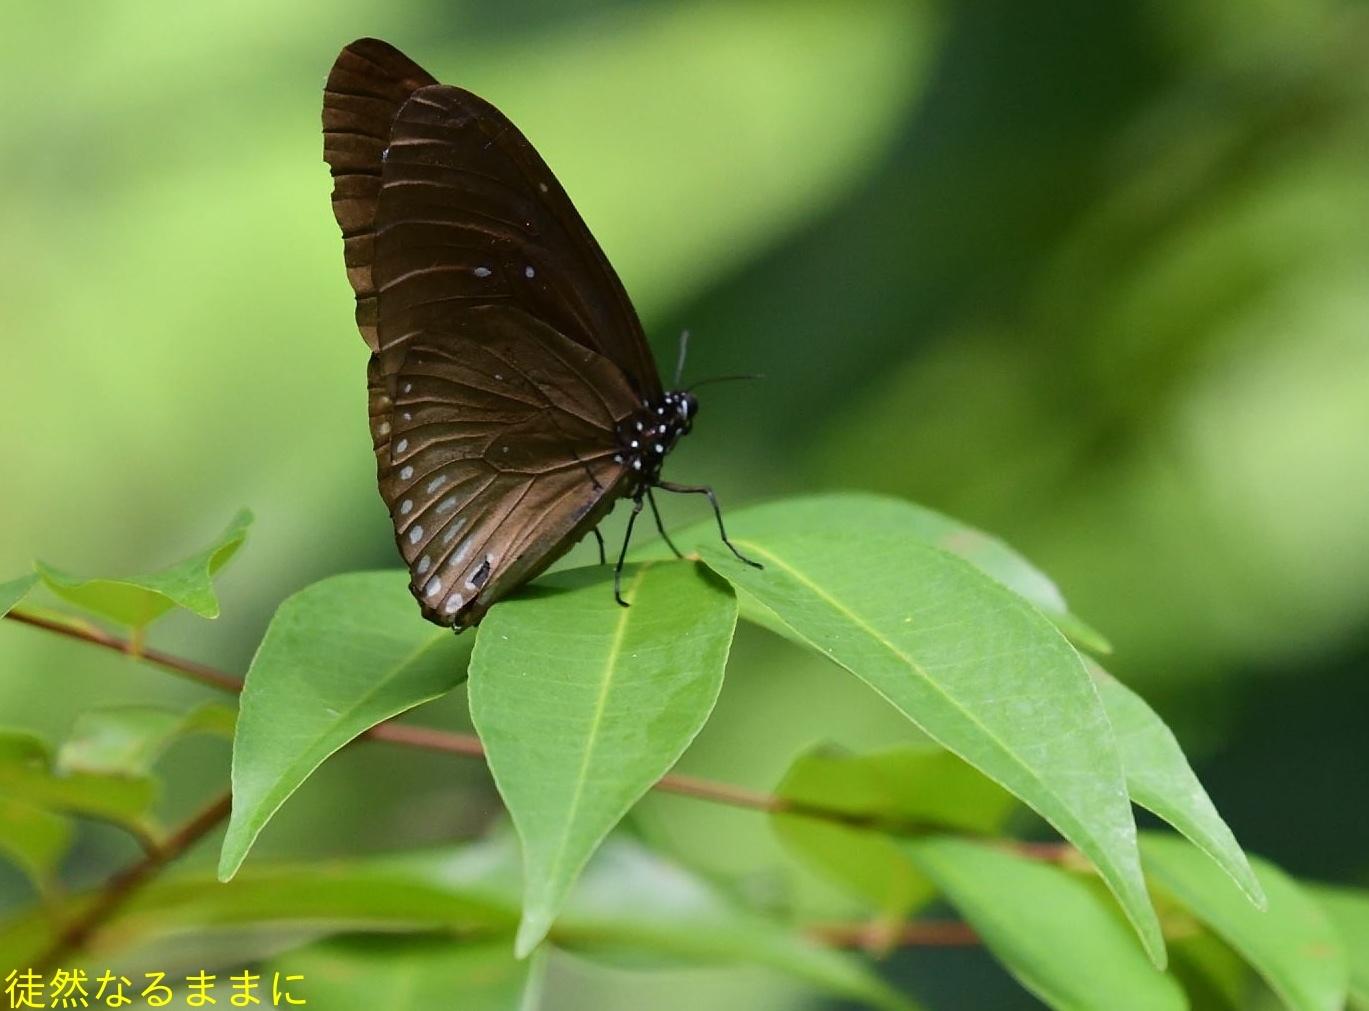 12月30日 AM ホテルの周りの蝶たち inランカウイ島_d0285540_07512149.jpg